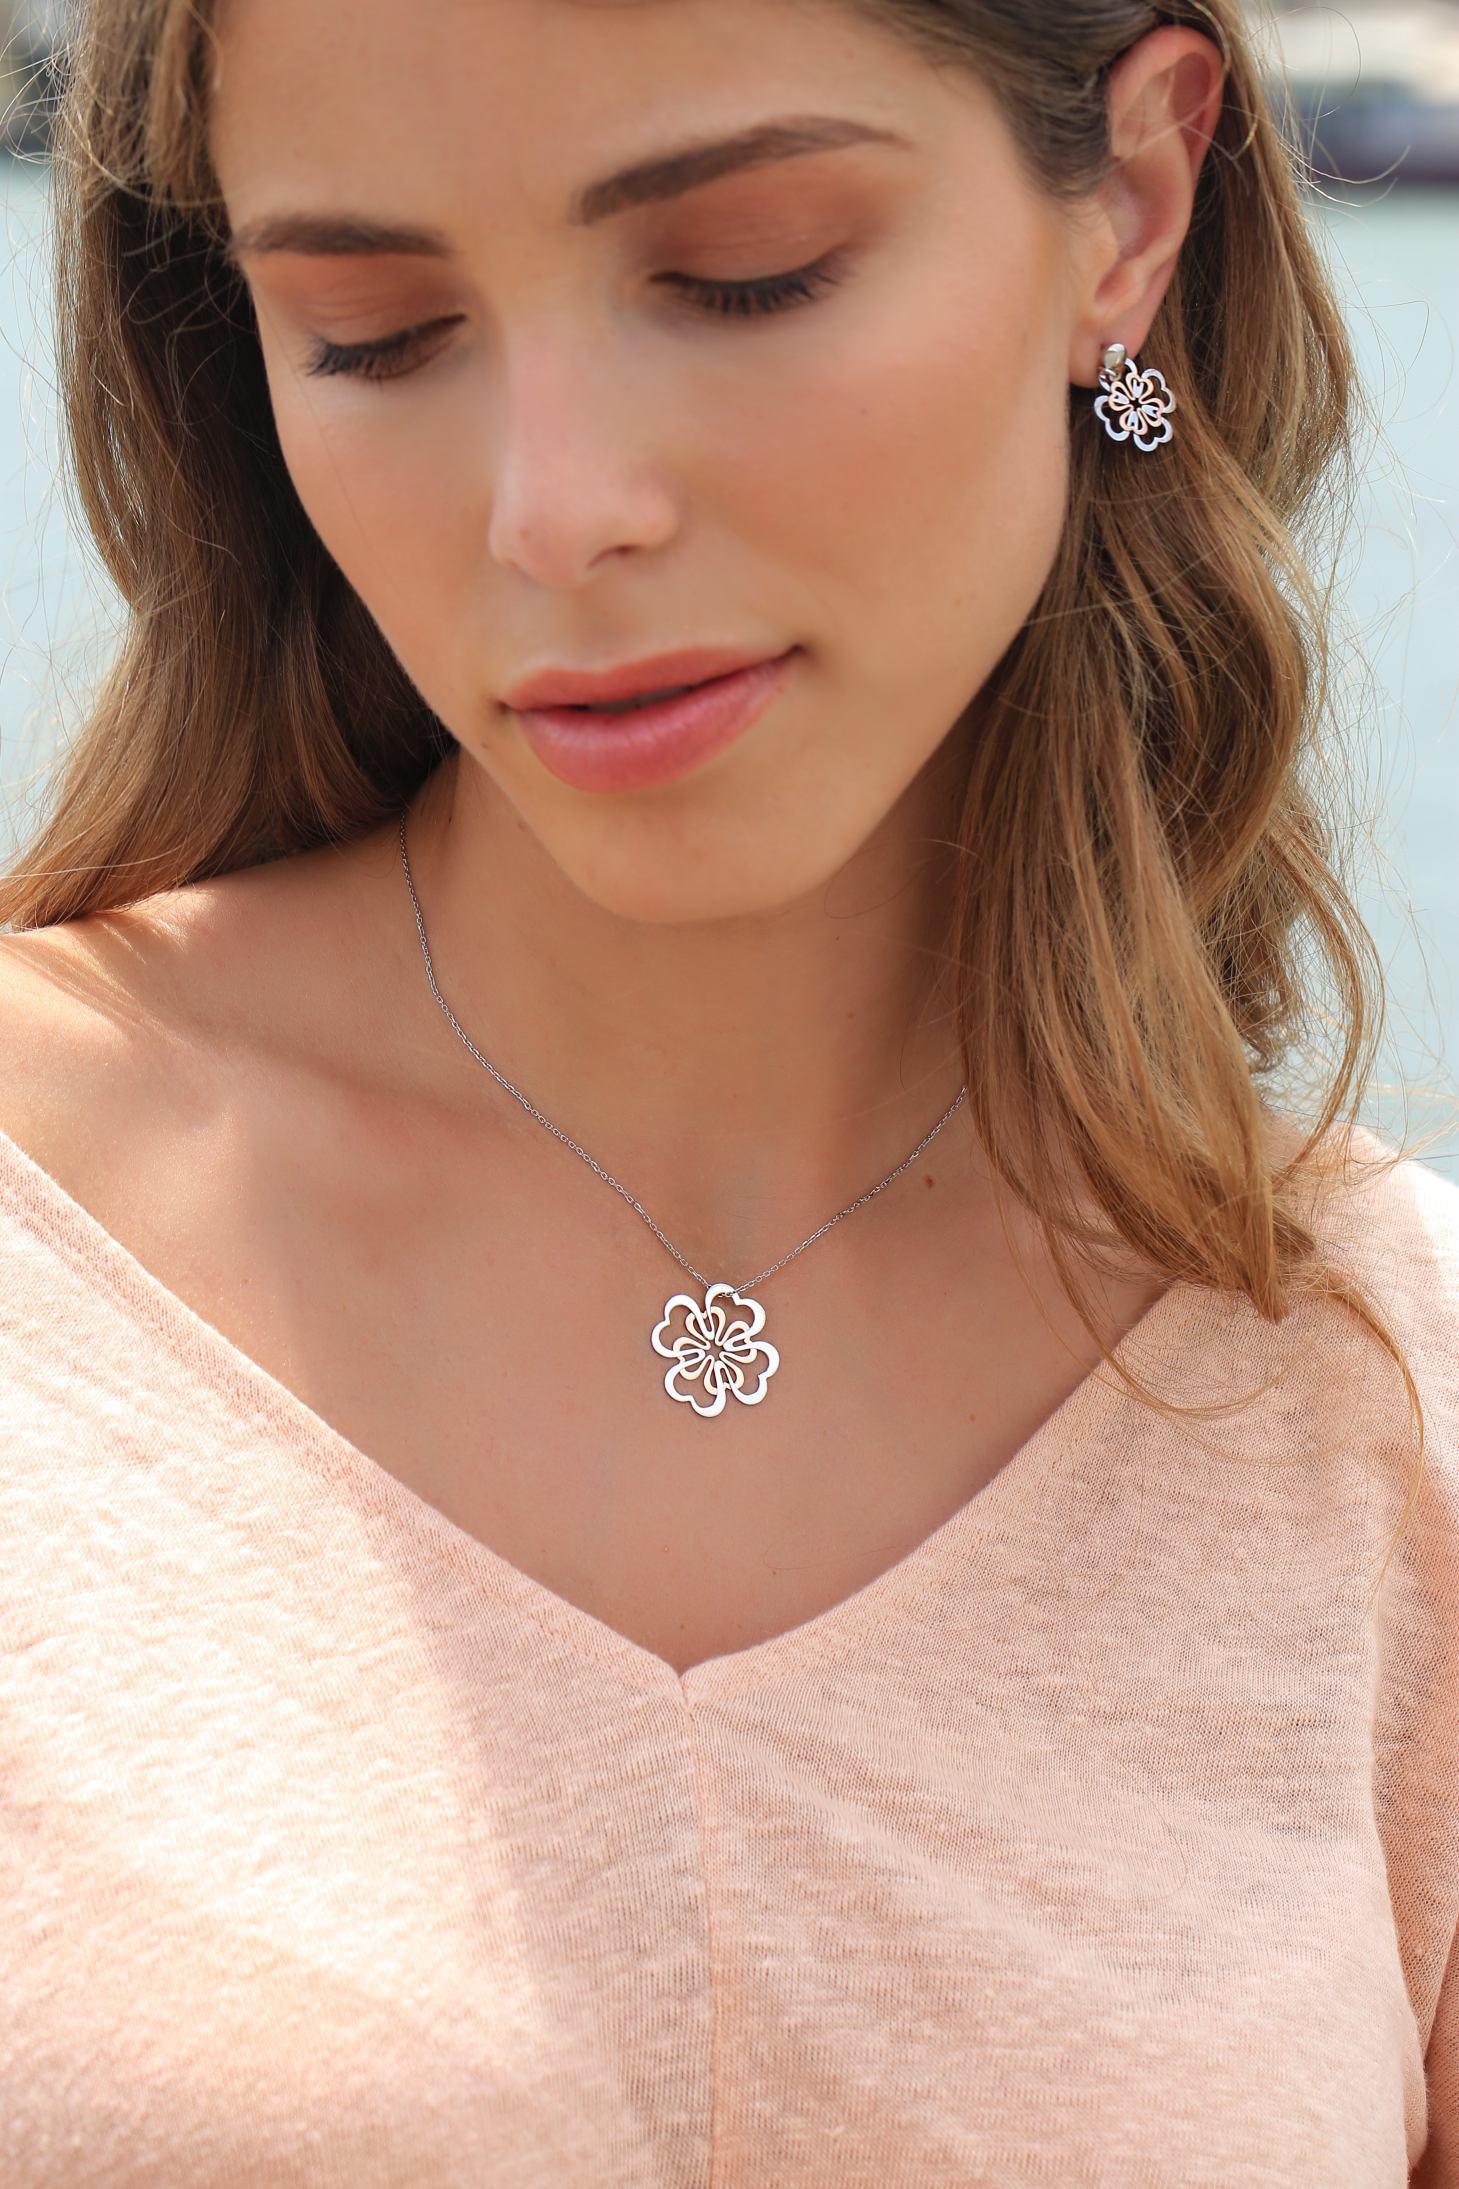 Srebrne nausnice, red.cijena 320kn, s popustom 160kn, srebrna ogrlica, red.cijena 360kn, s popustom 180kn, Argentum